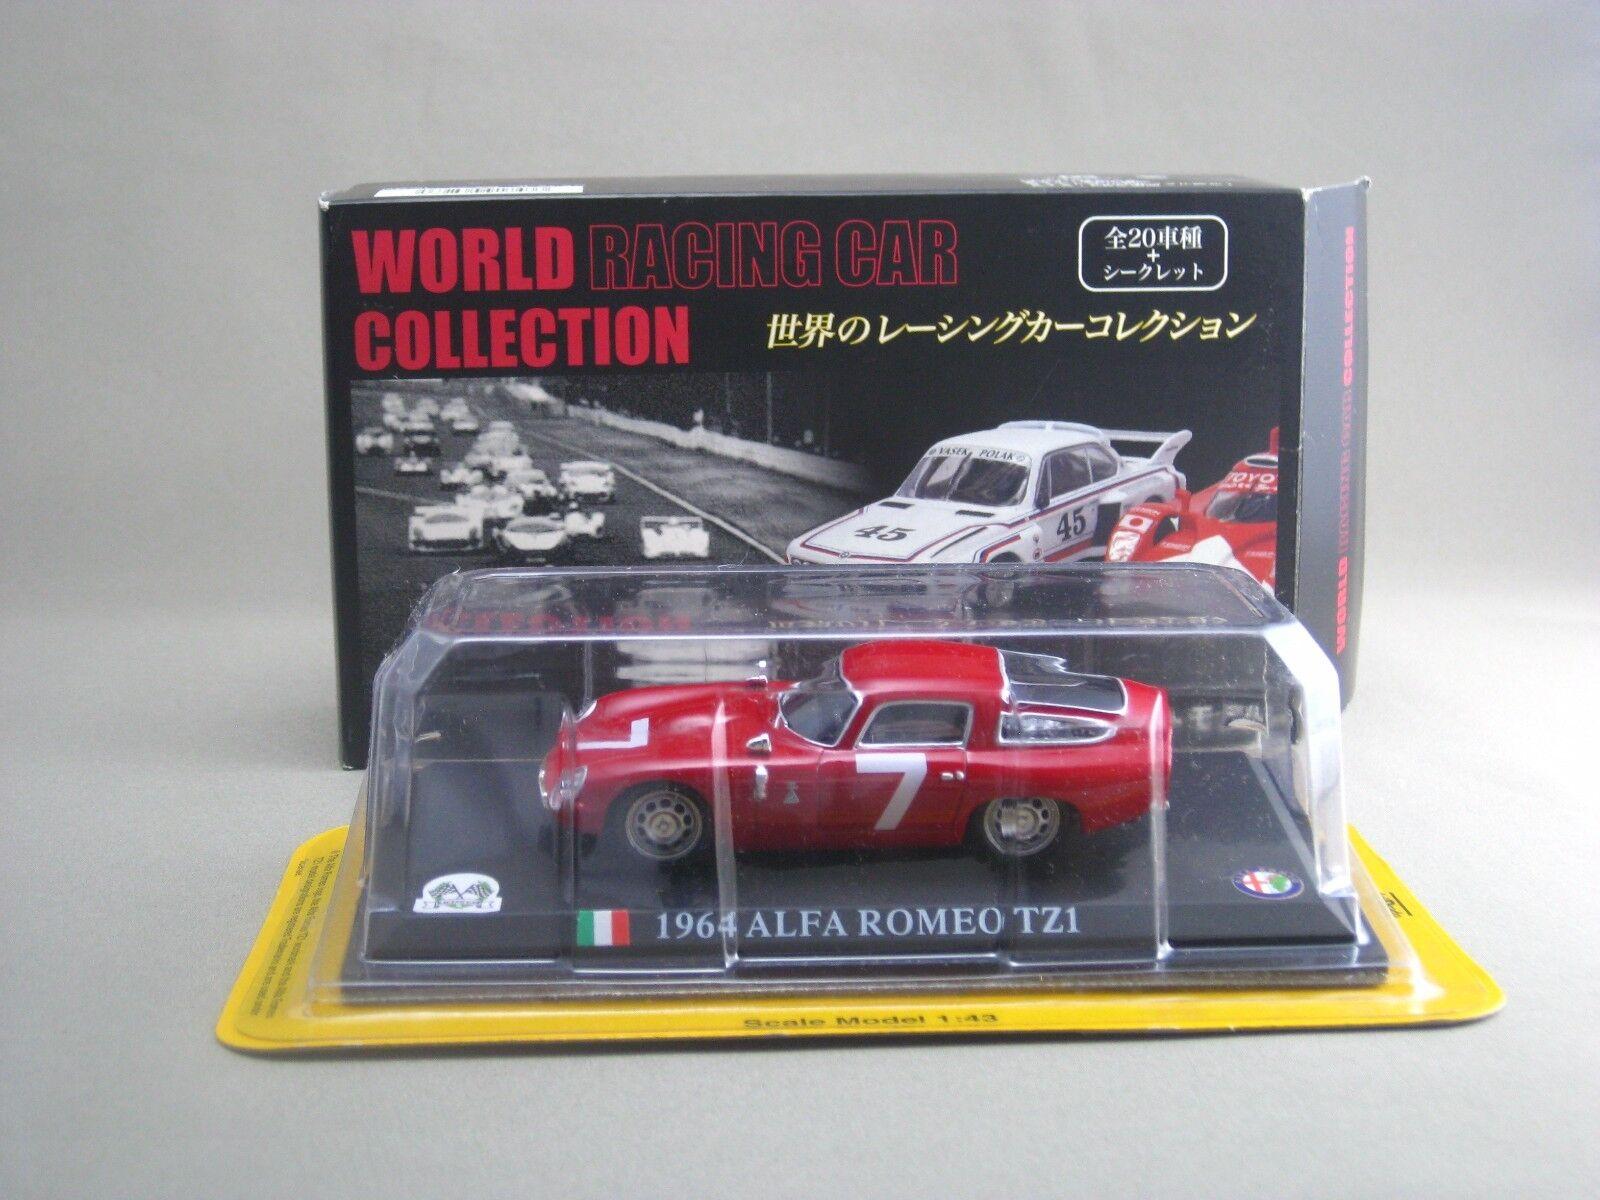 Alfa Romeo TZ1 1964 1 43 DIE CAST MODEL WORLD RACING CAR COLLECTION DELPRADO